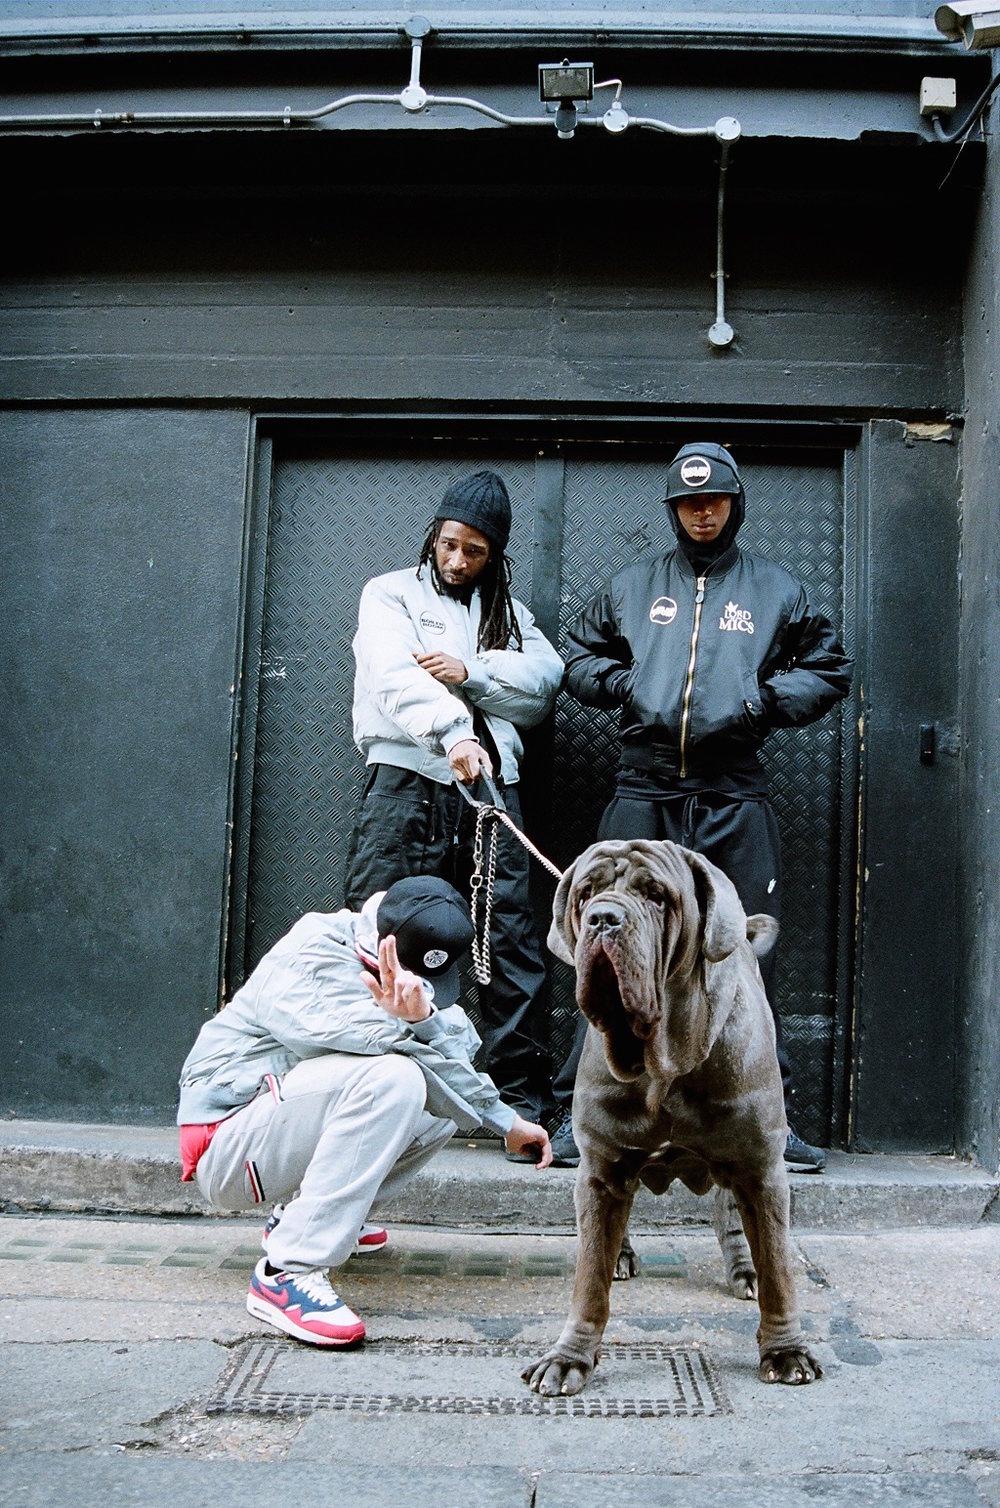 Jammer, Blakie & Shizz, 2015